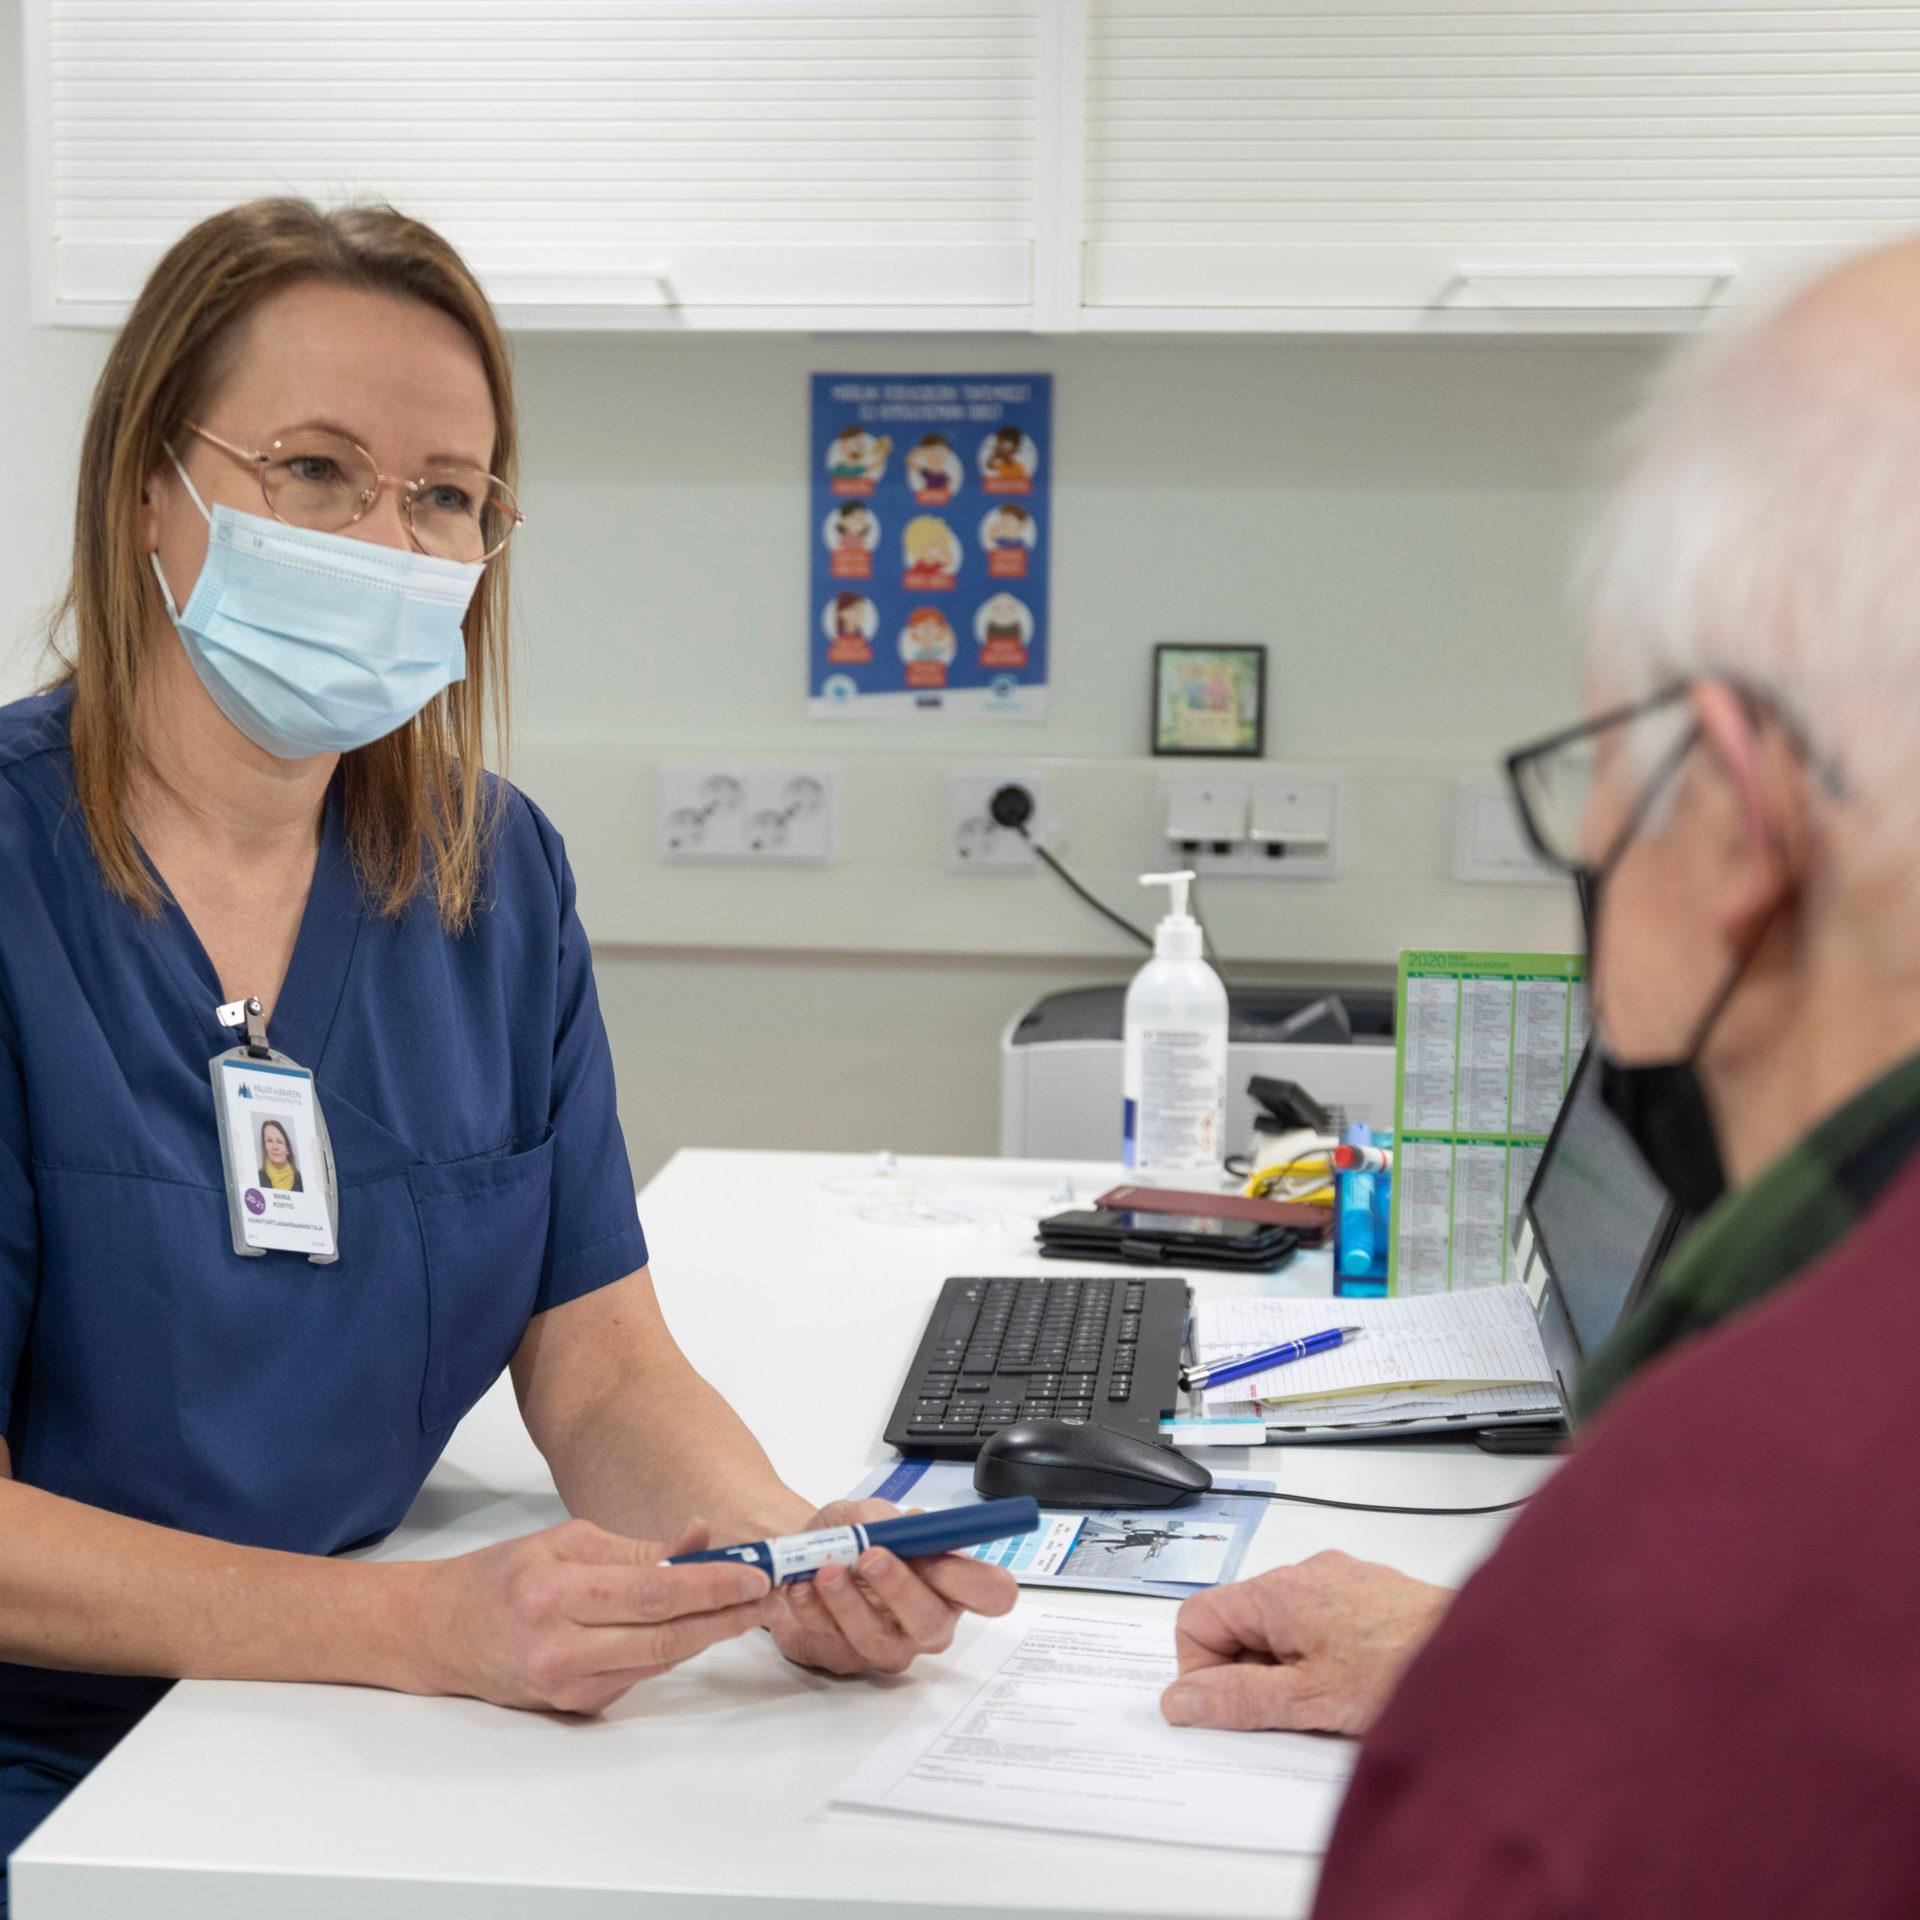 Sairaanhoitaja keskustelee potilaan kanssa.